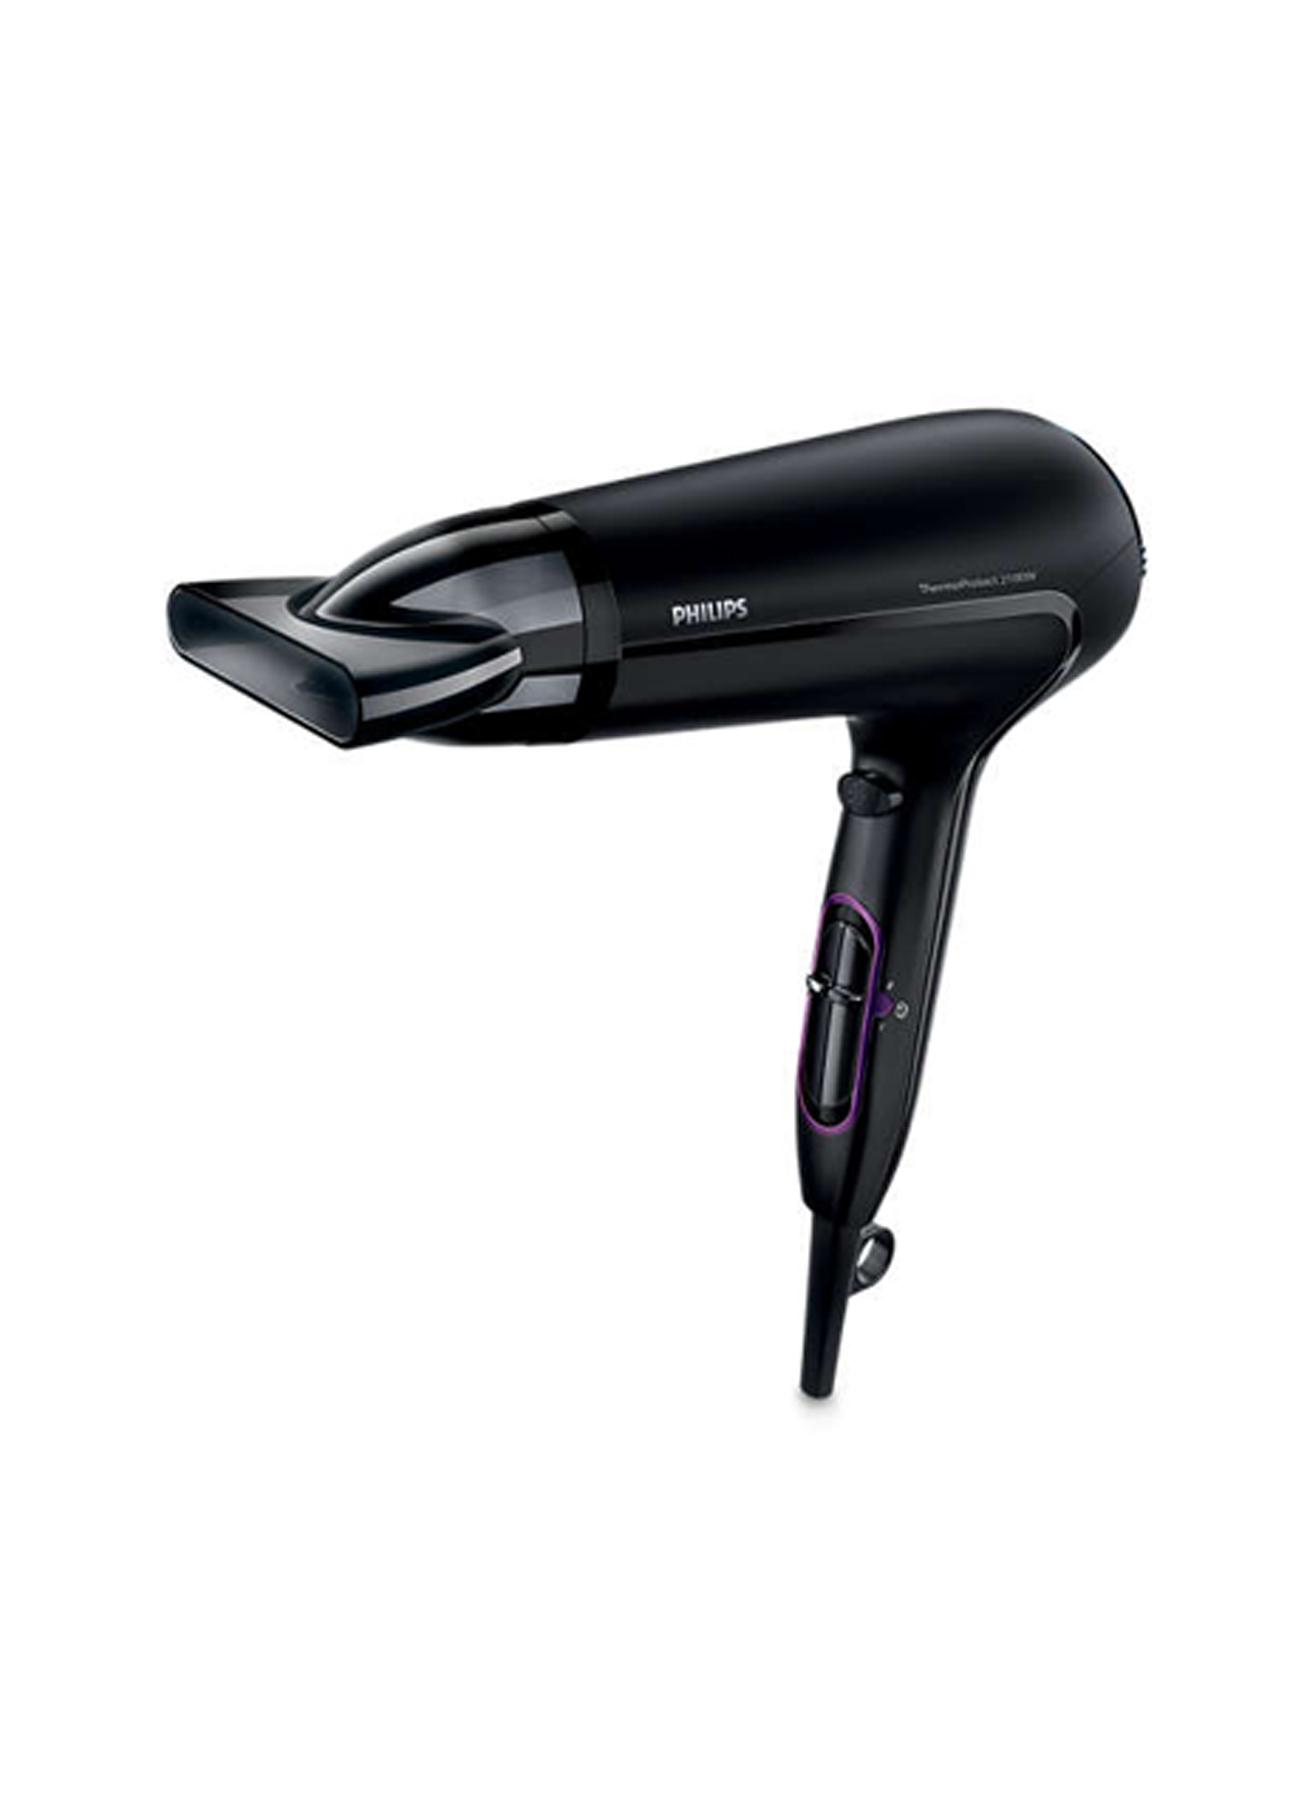 unisex Renksiz Philips Thermoprotect HP8230 00 2100W Saç Kurutma Makinesi 5000033244001 Ev Tüm Ürünleri